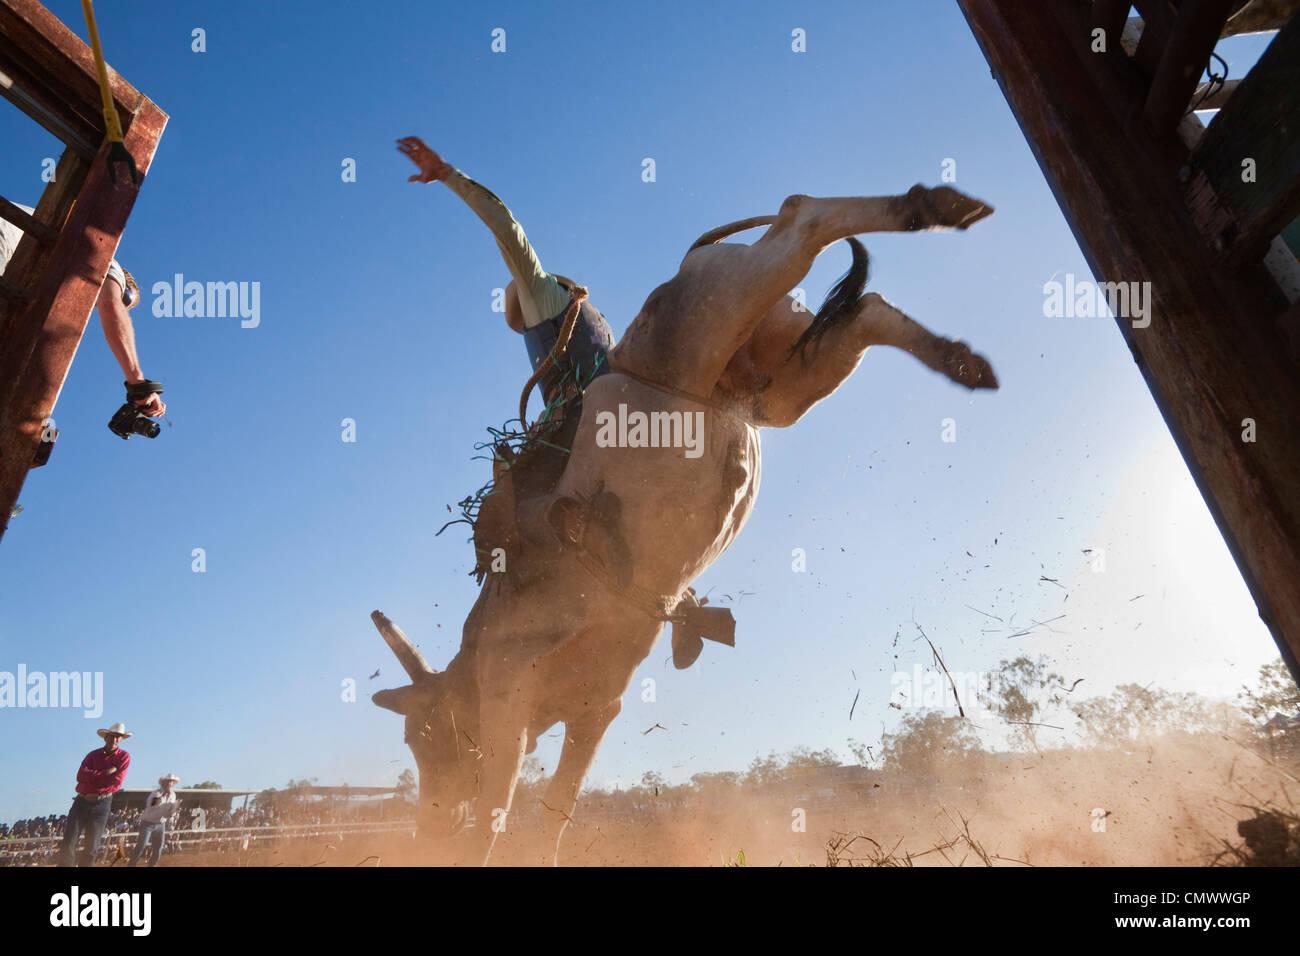 Ángulo de visión baja de jinete entrando en arena. Mt Granate Rodeo, Mt granate, Queensland, Australia Imagen De Stock